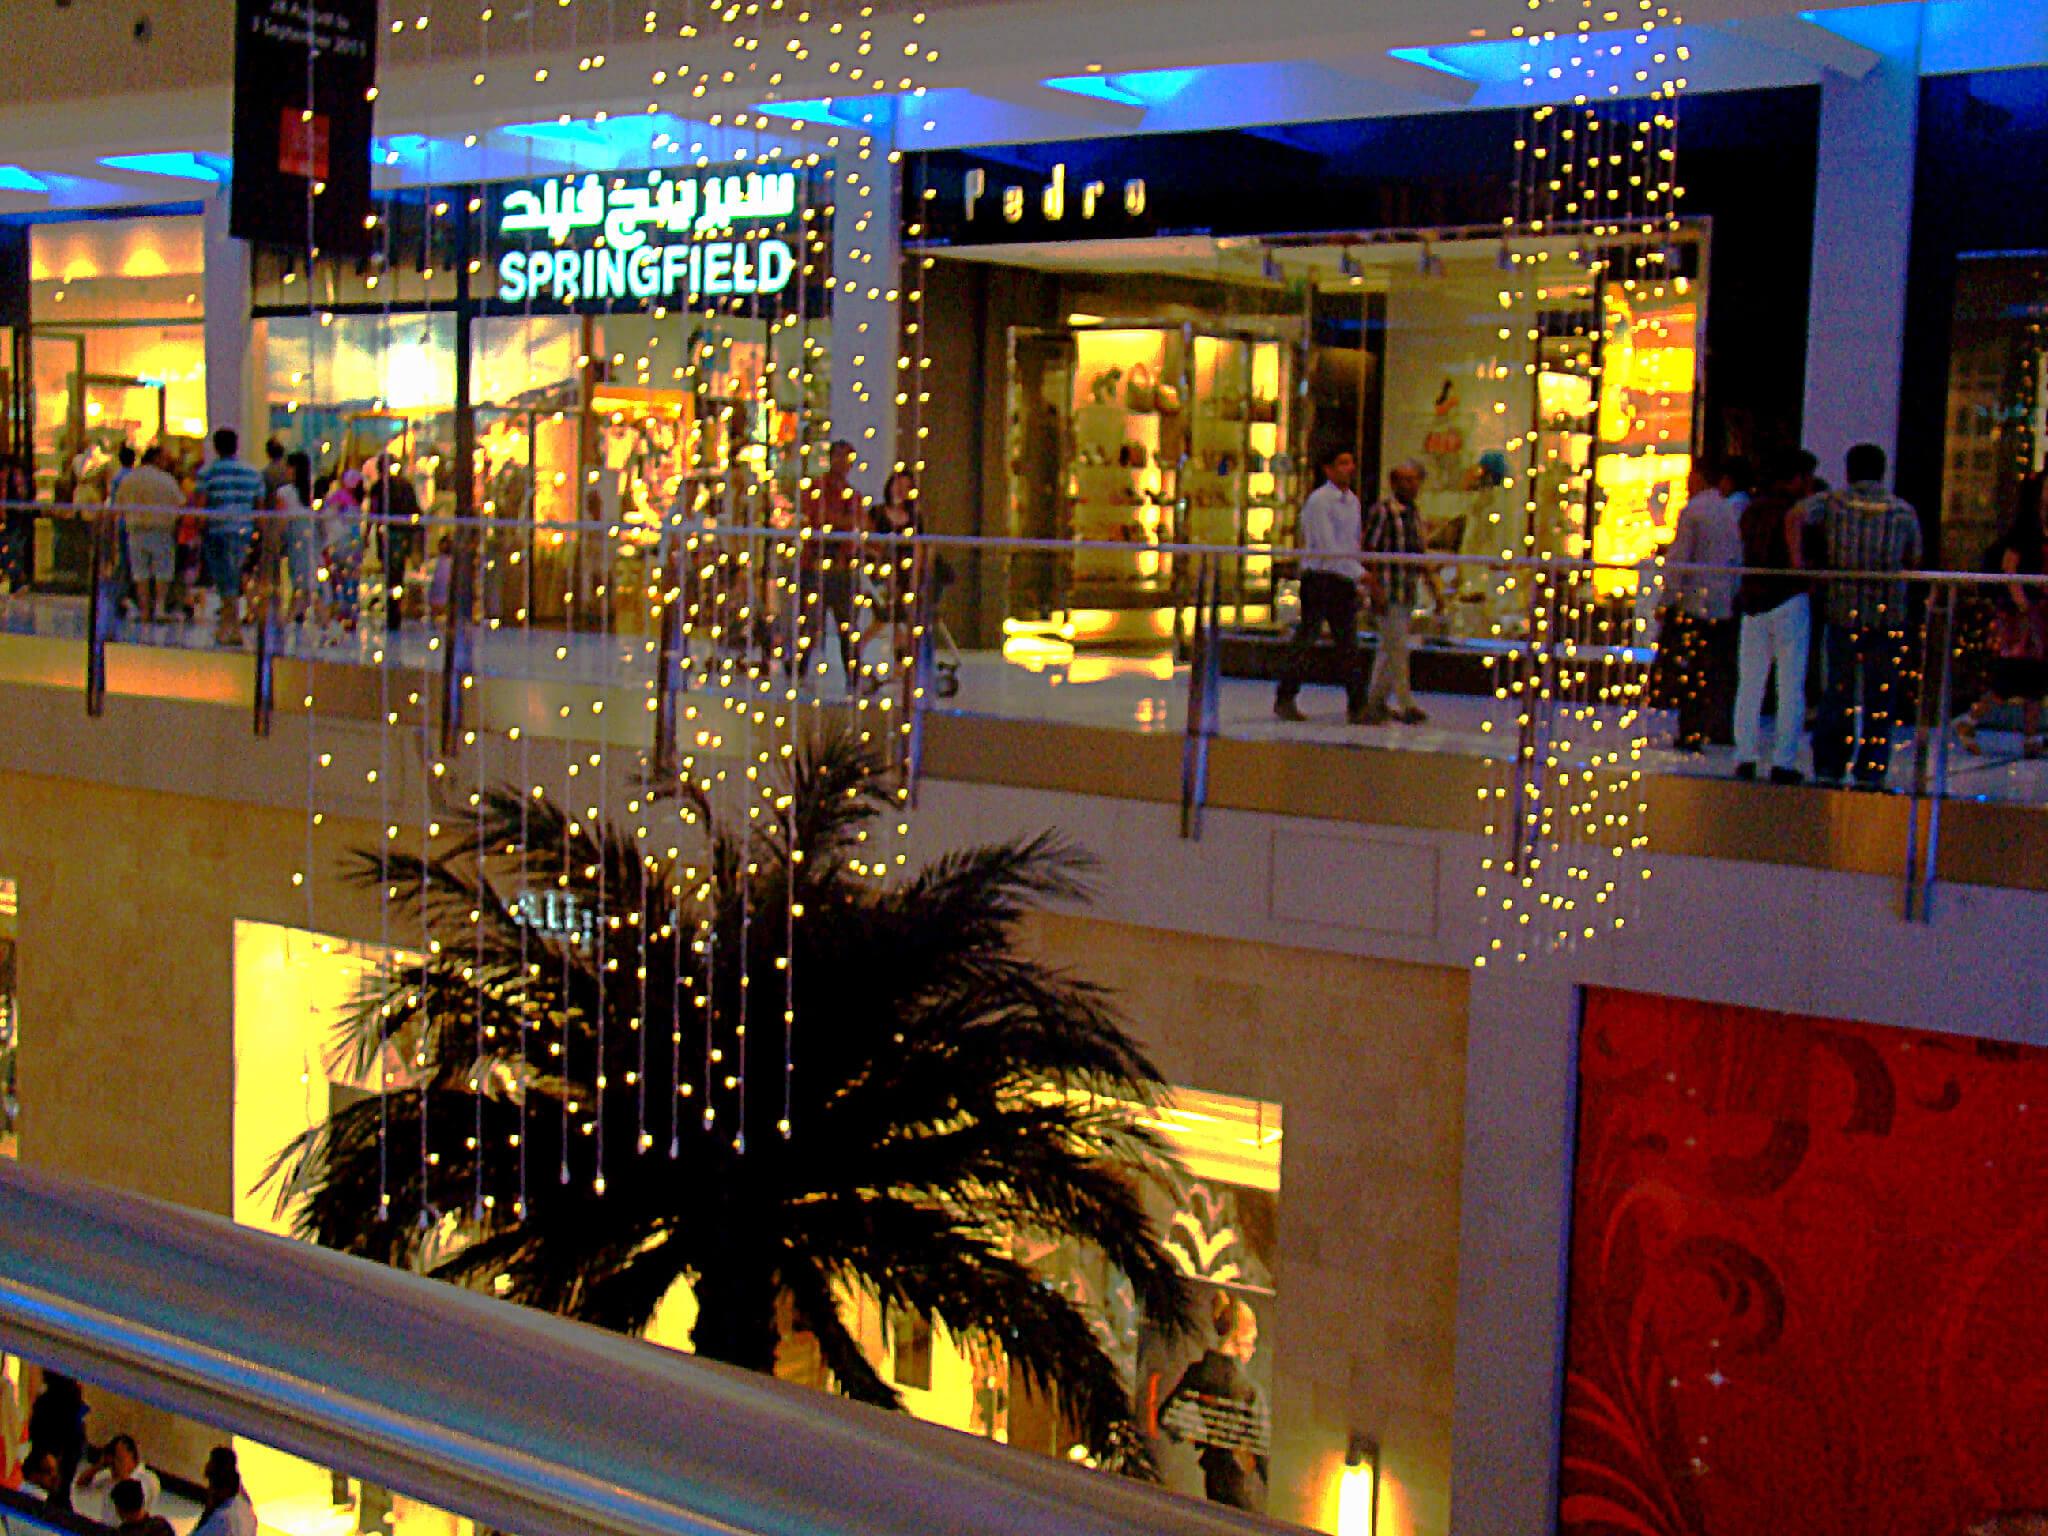 Que faire à Dubaï si l'on est passionné de shopping ? Entrer dans le gigantesque Dubaï Mall et s'émerveiller des belles choses que l'on pourrait acheter.